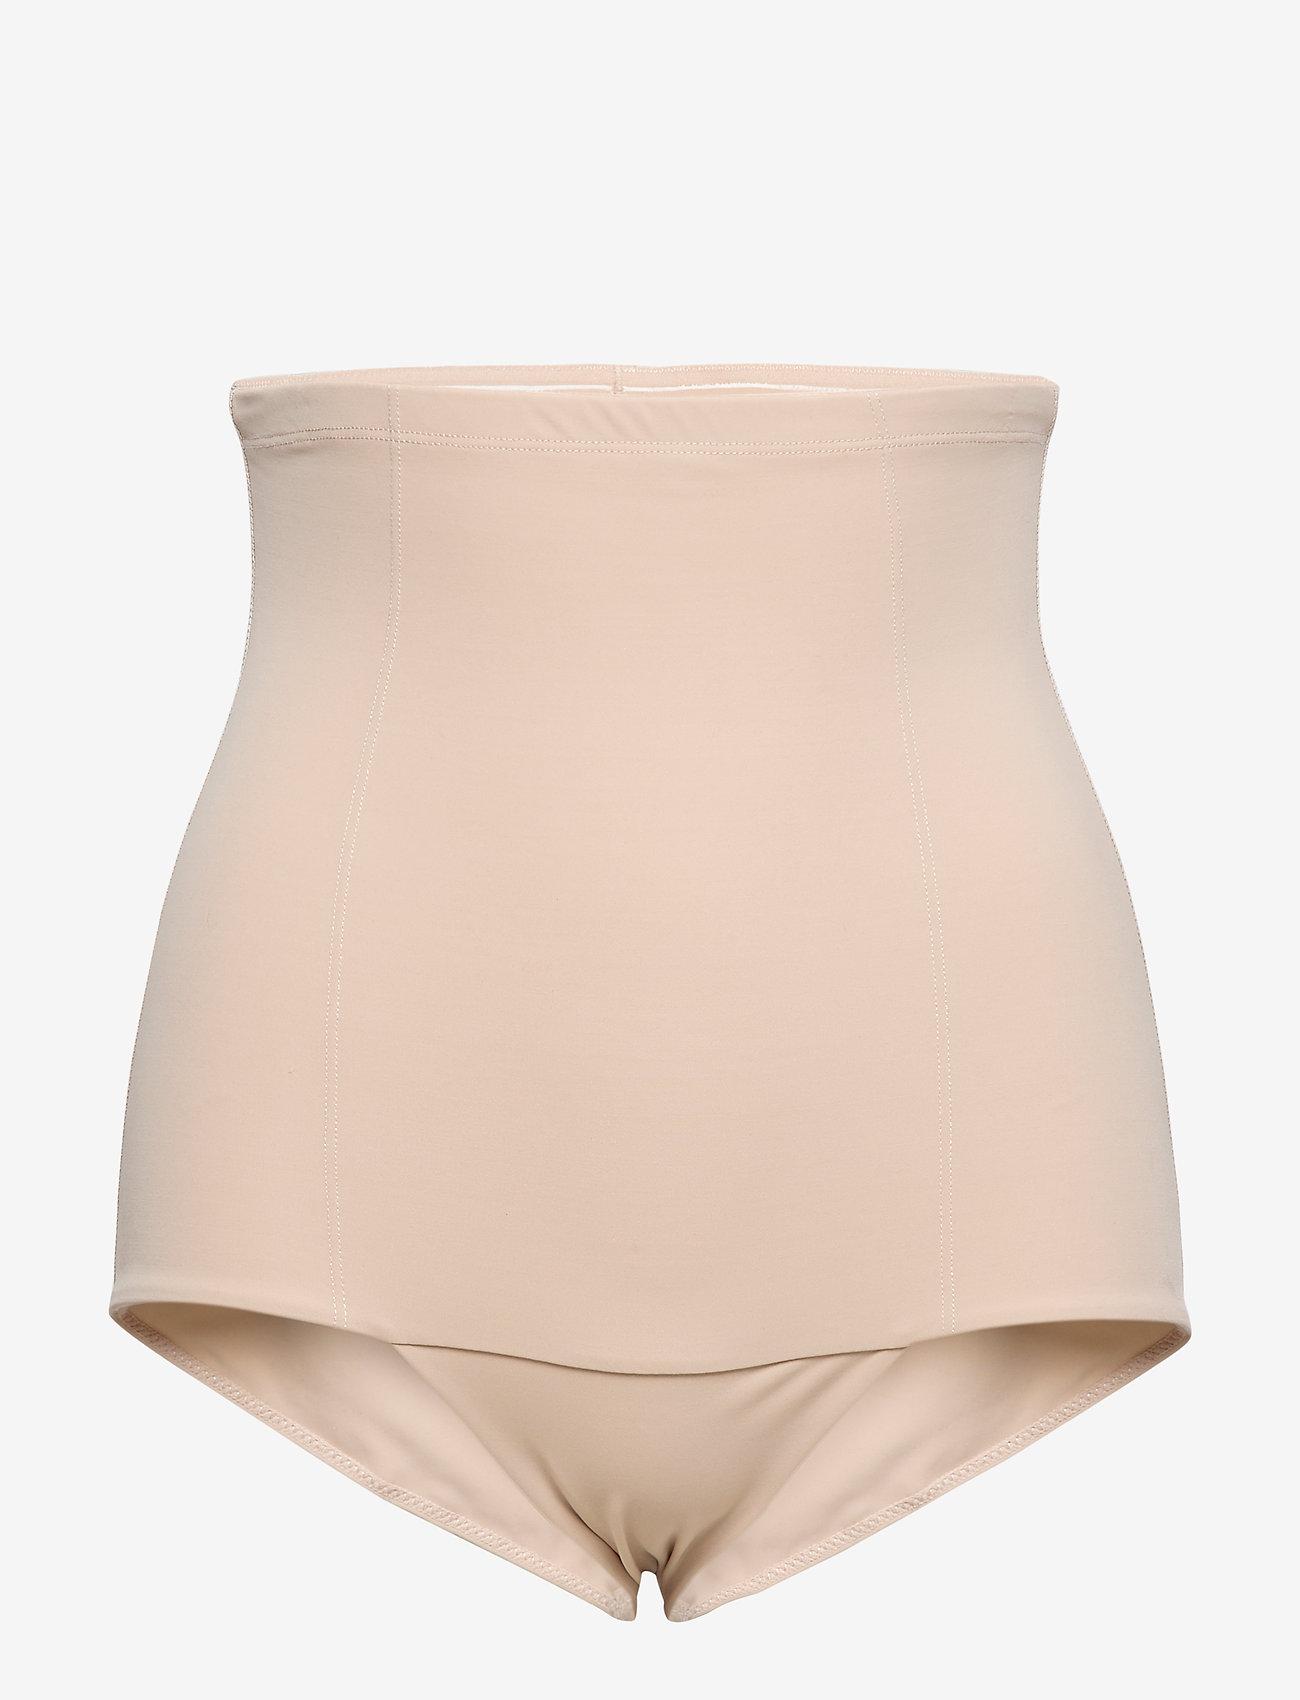 Lindex - Girdle Highwaist Britney - bottoms - beige - 0